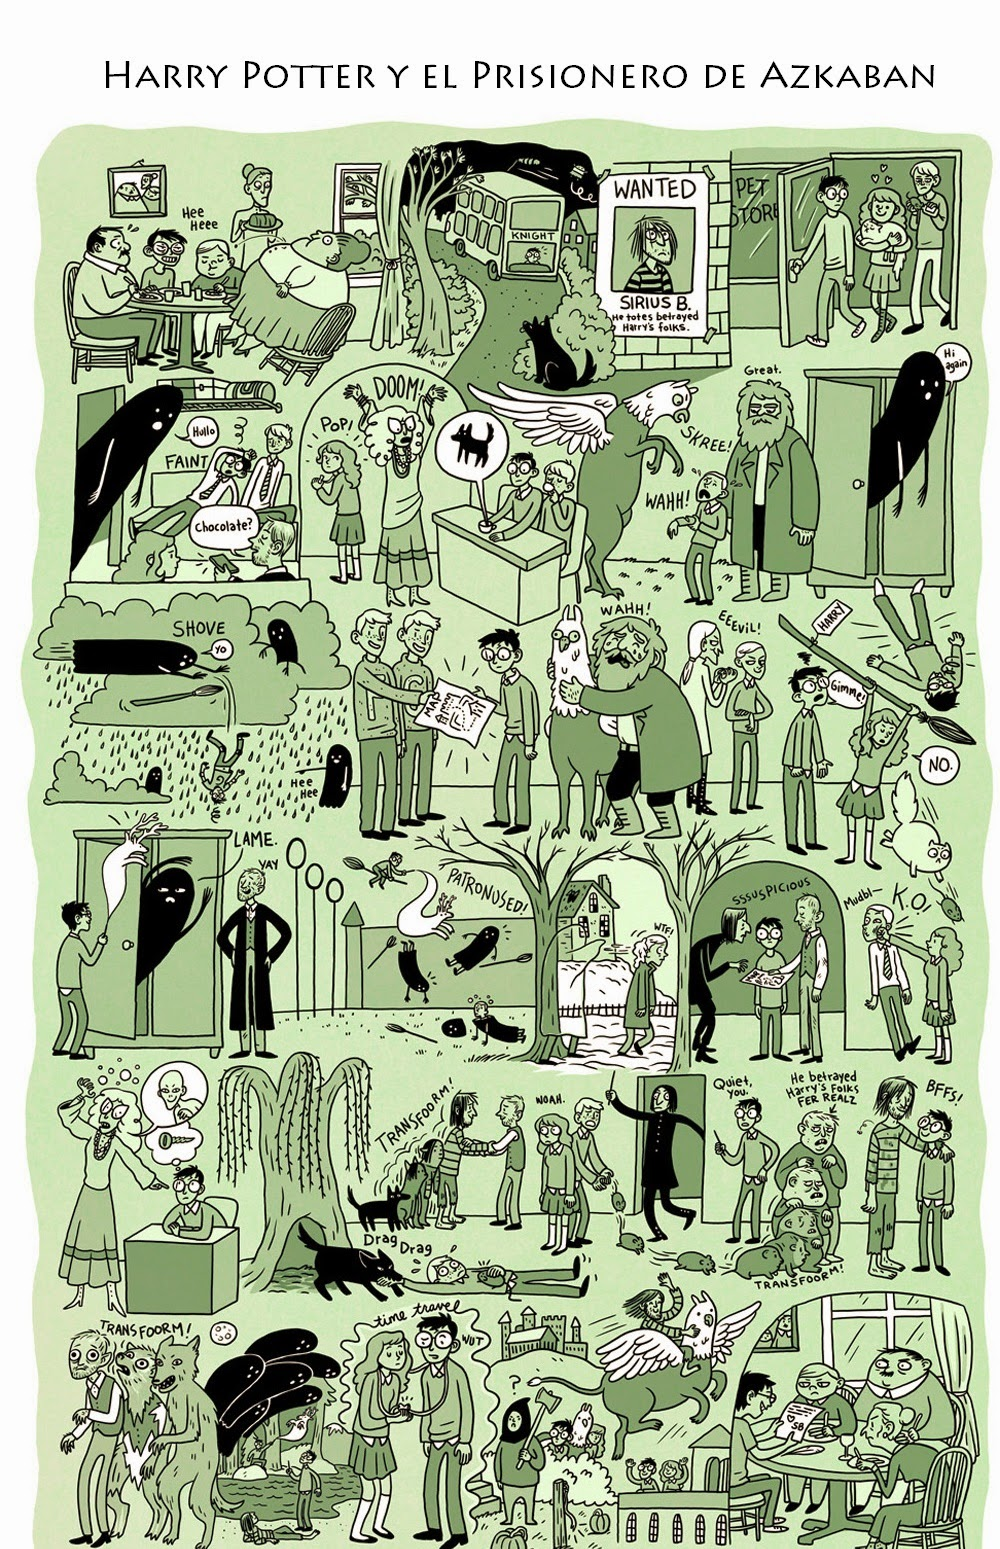 viñeta resumen - Harry Potter y el prisionero de Azkaban